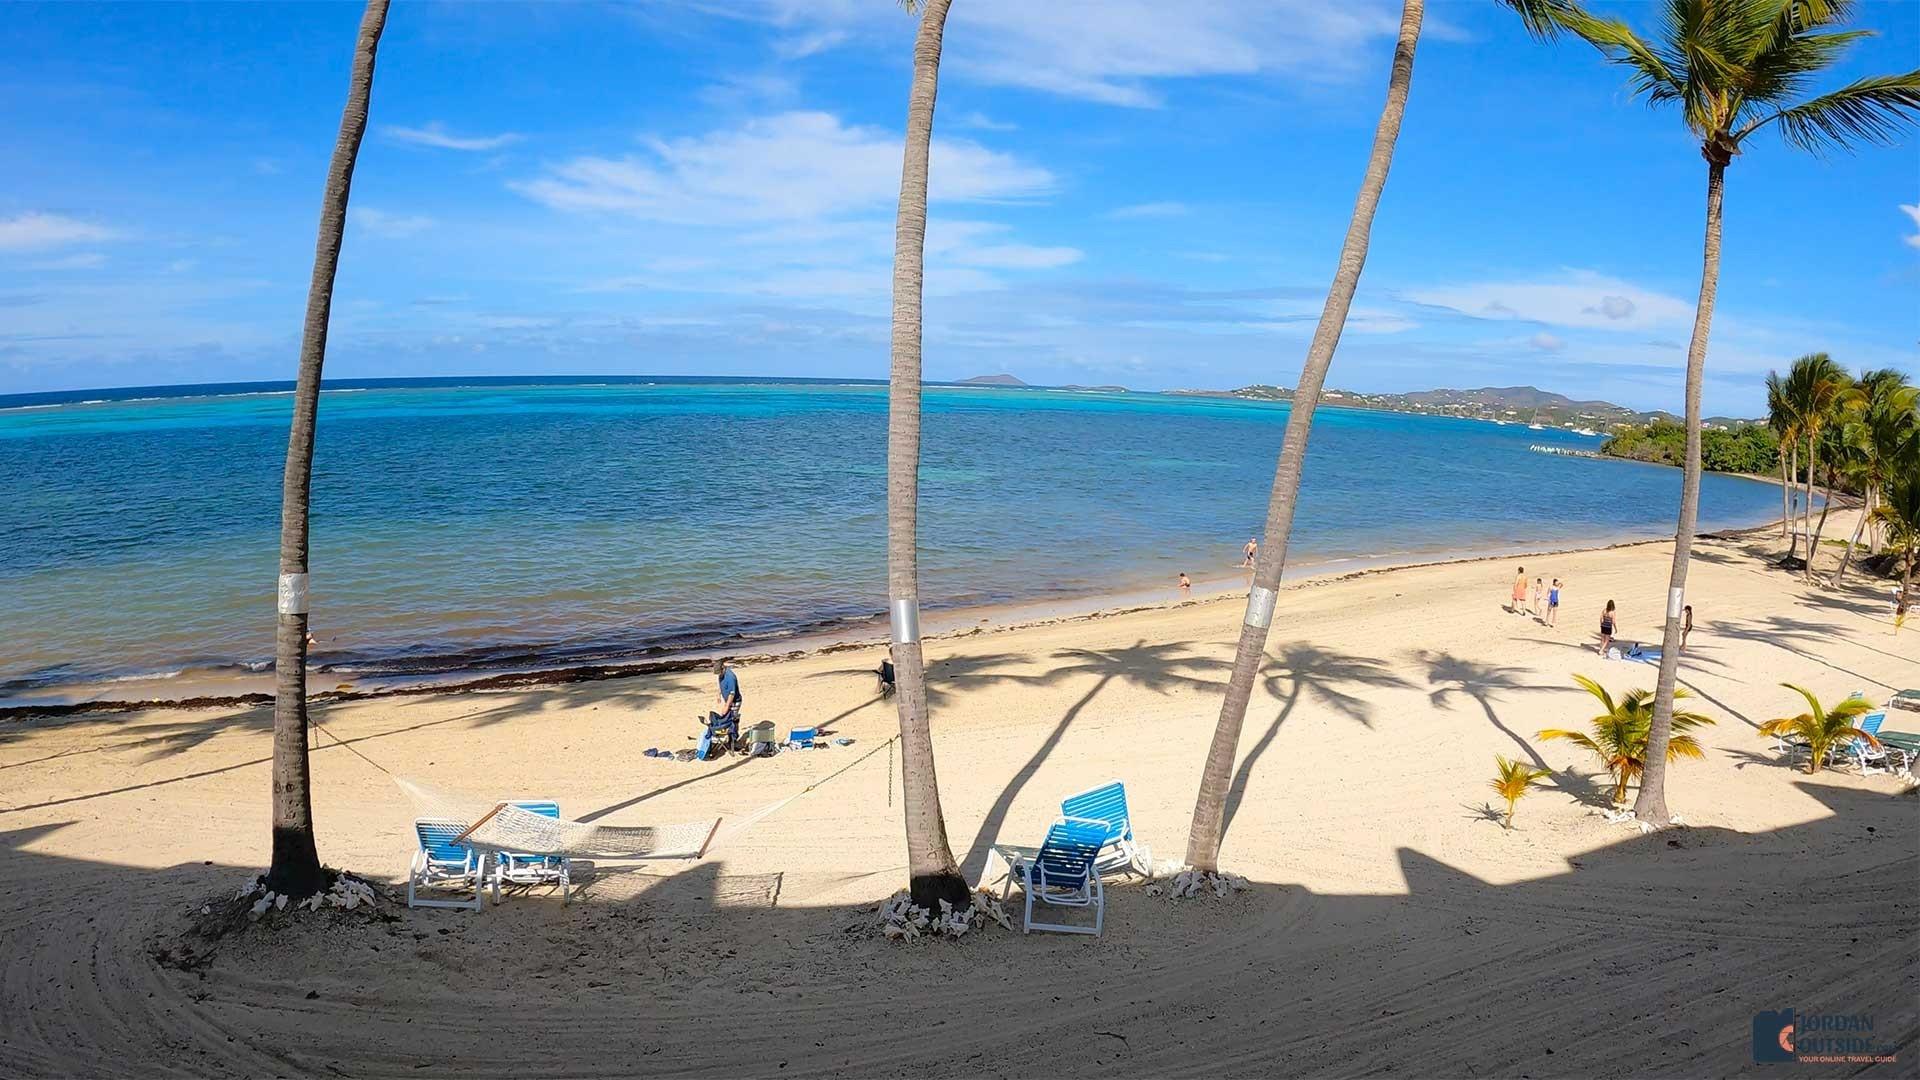 Sugar Beach, St. Croix